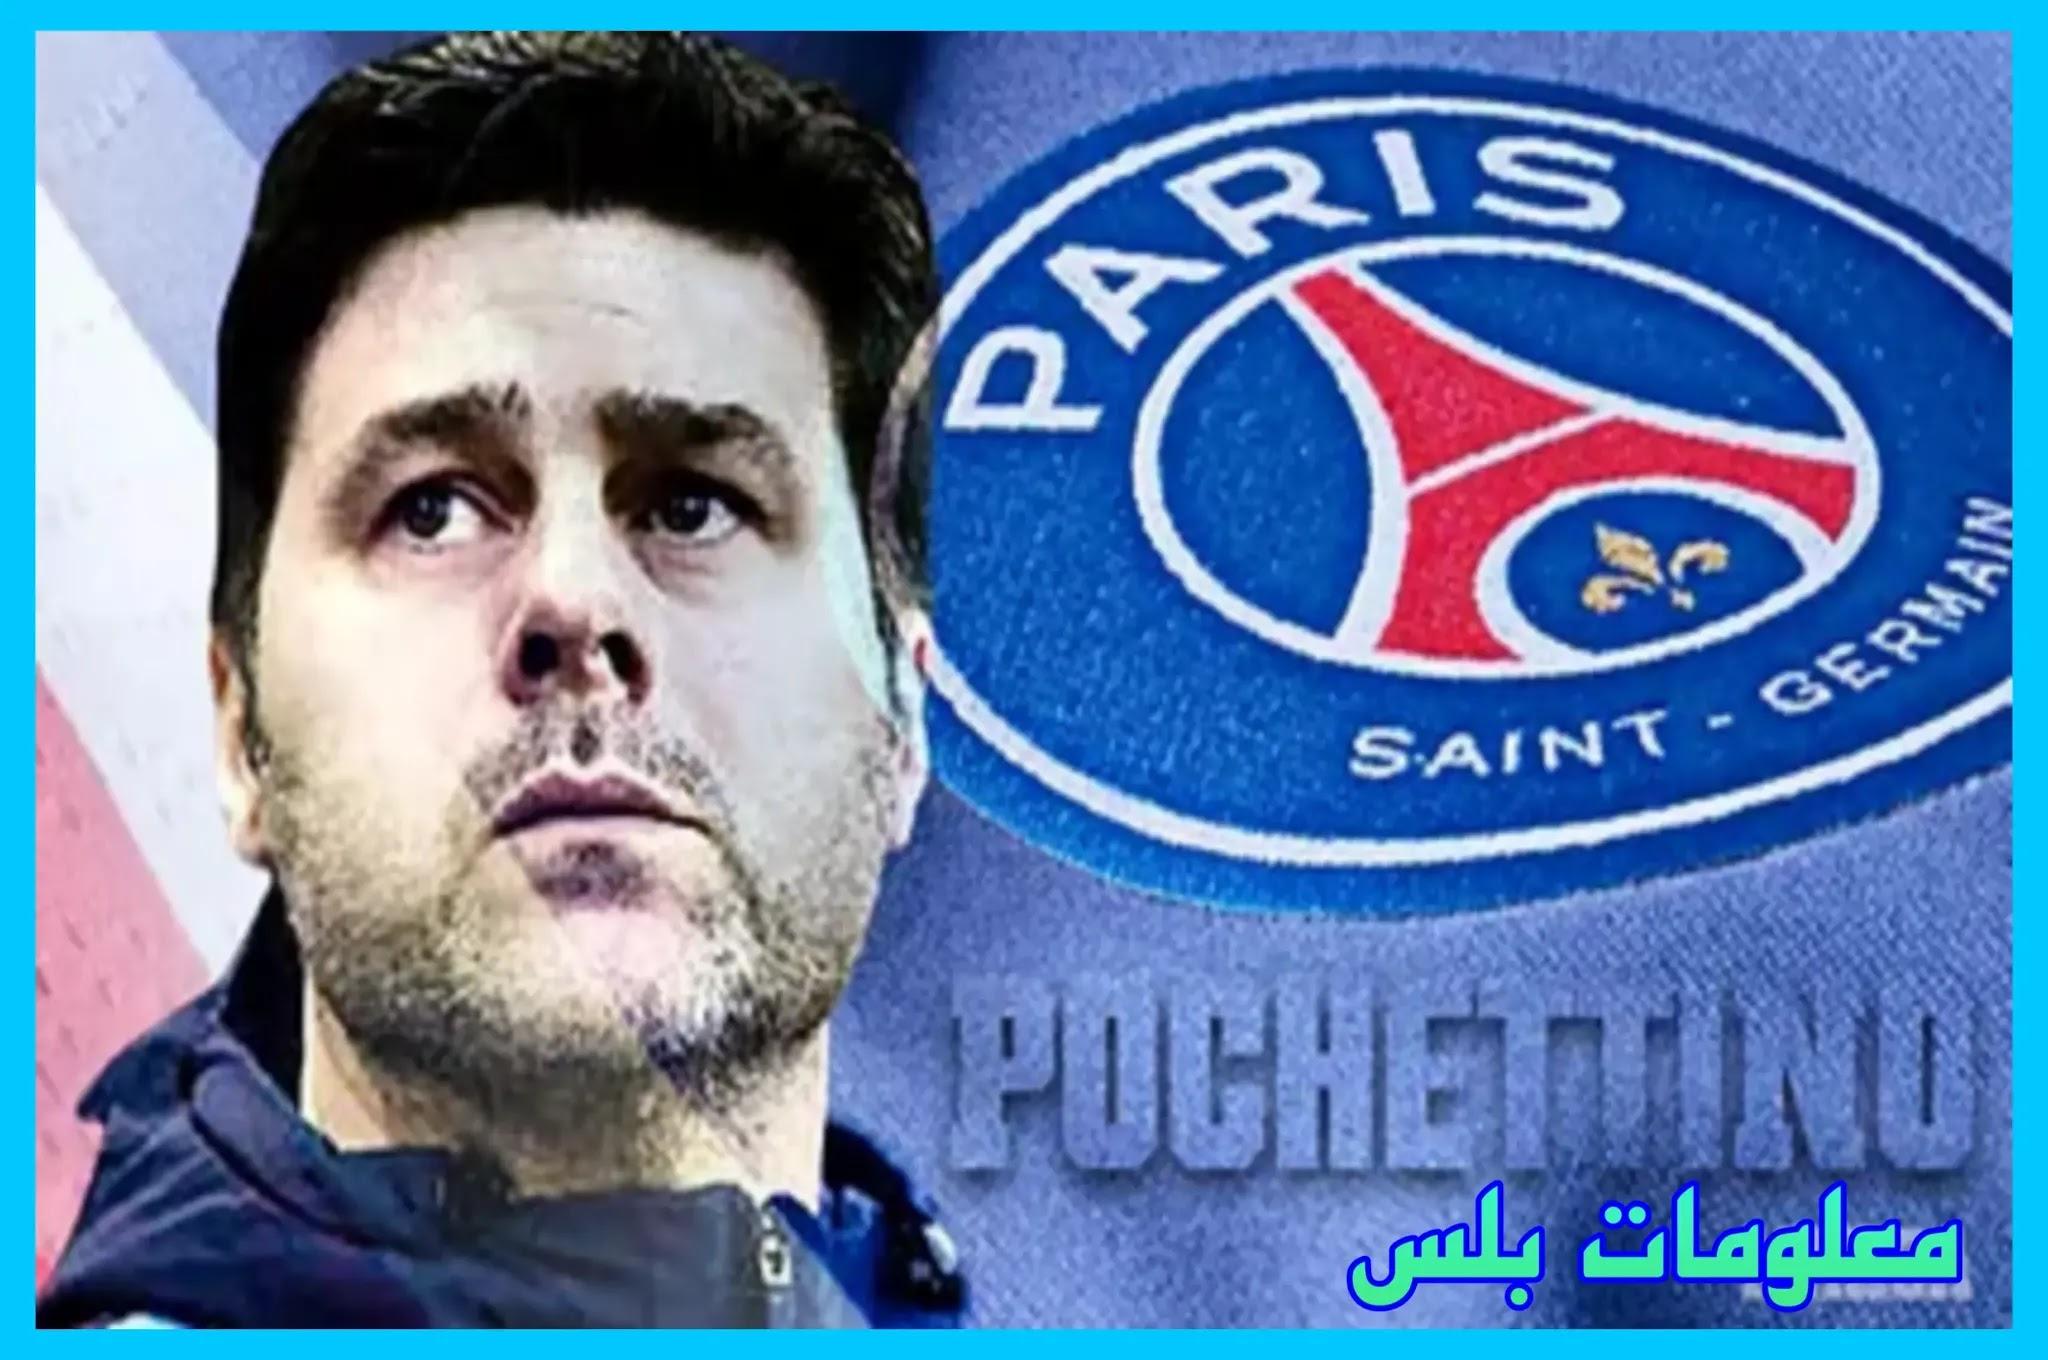 رسميًا: بوكيتينو هو مدرب باريس سان جيرمان الجديد-رياضة